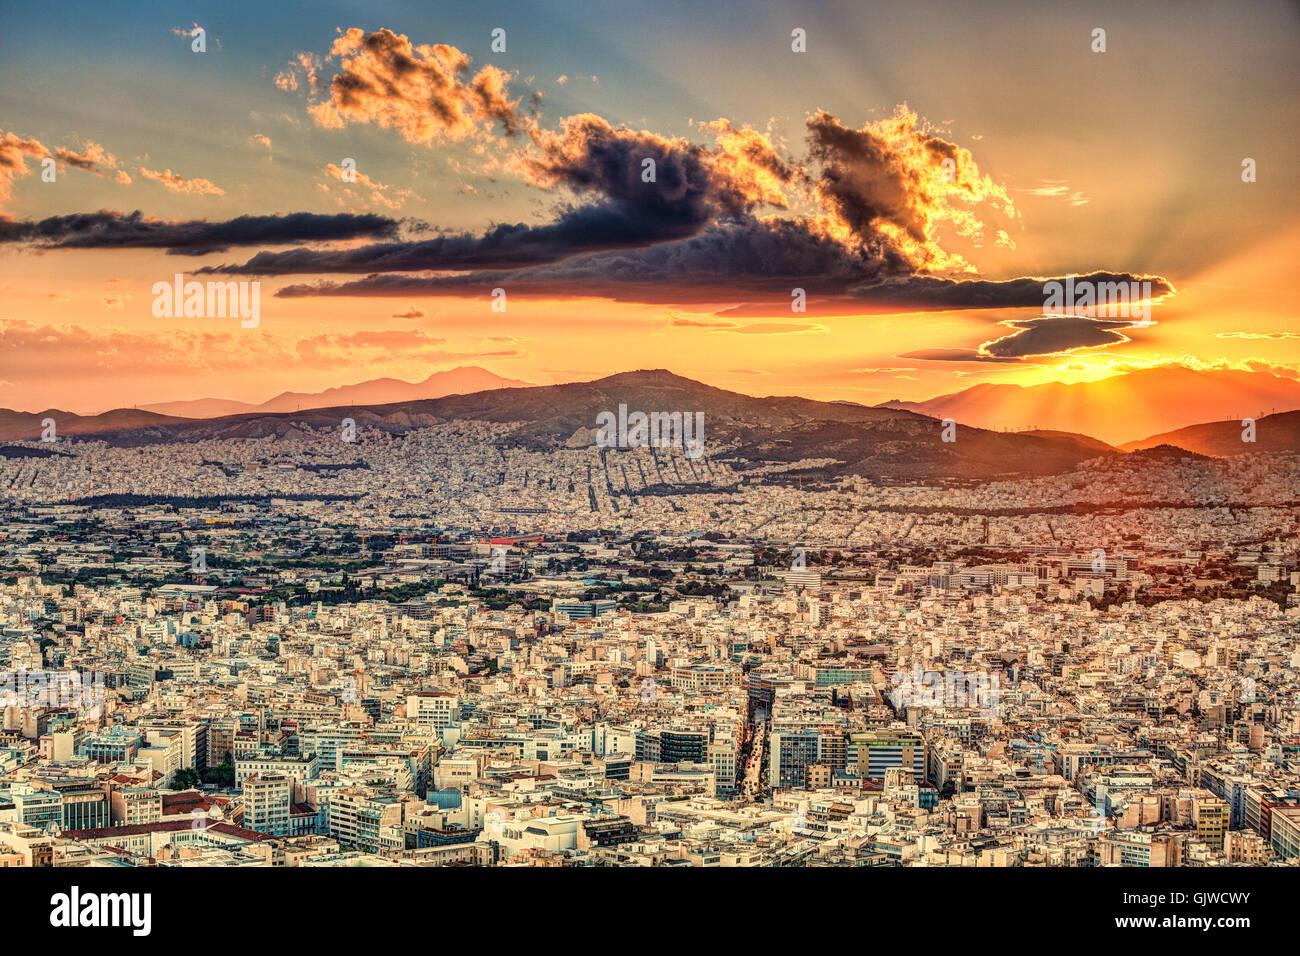 Der Sonnenuntergang über Athen-Becken, Griechenland Stockbild